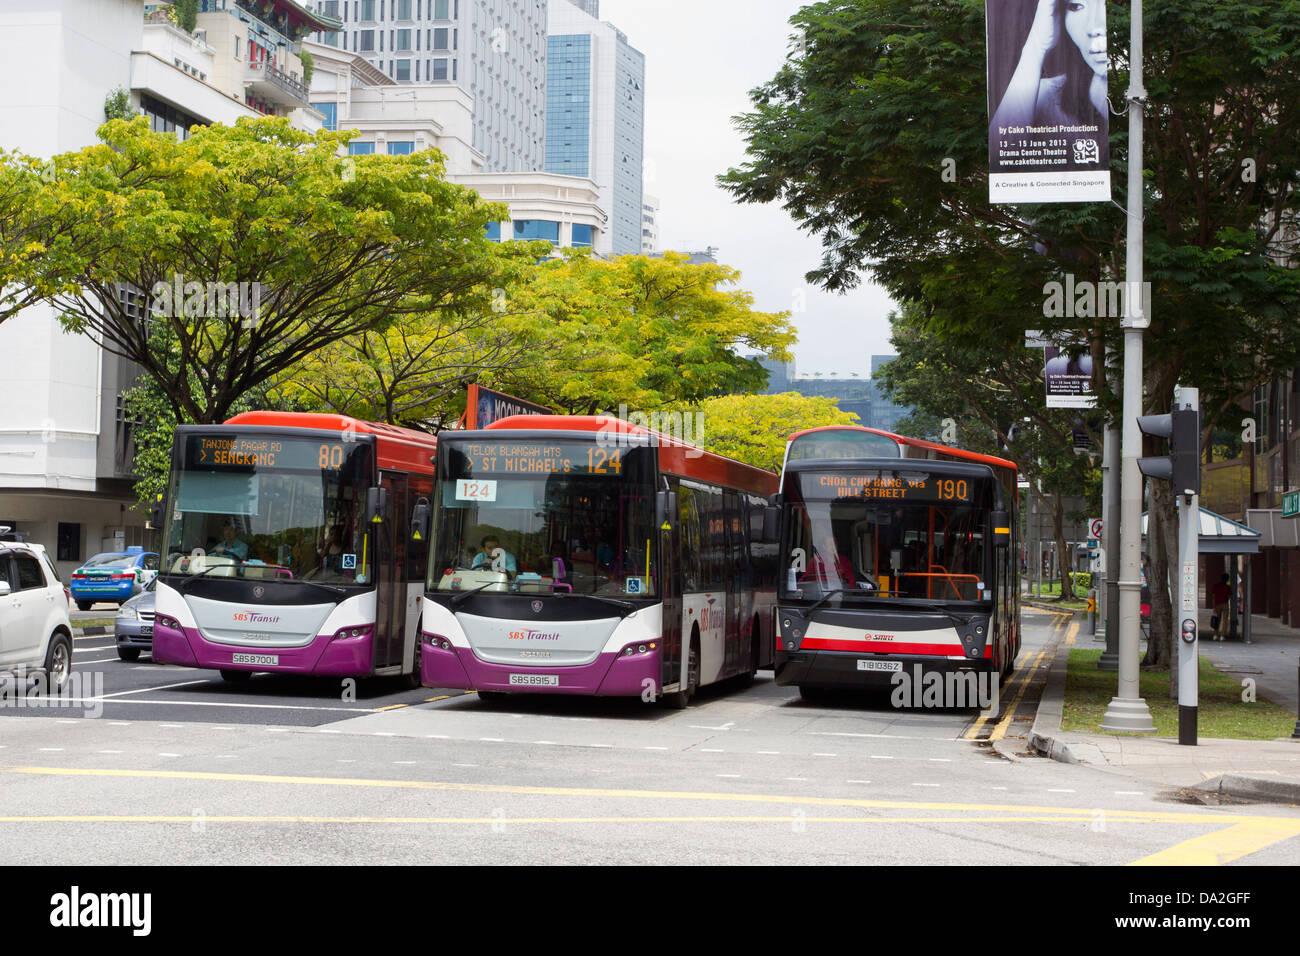 3 autobuses en una parada/luz roja cartel en una carretera principal, Singapur Imagen De Stock